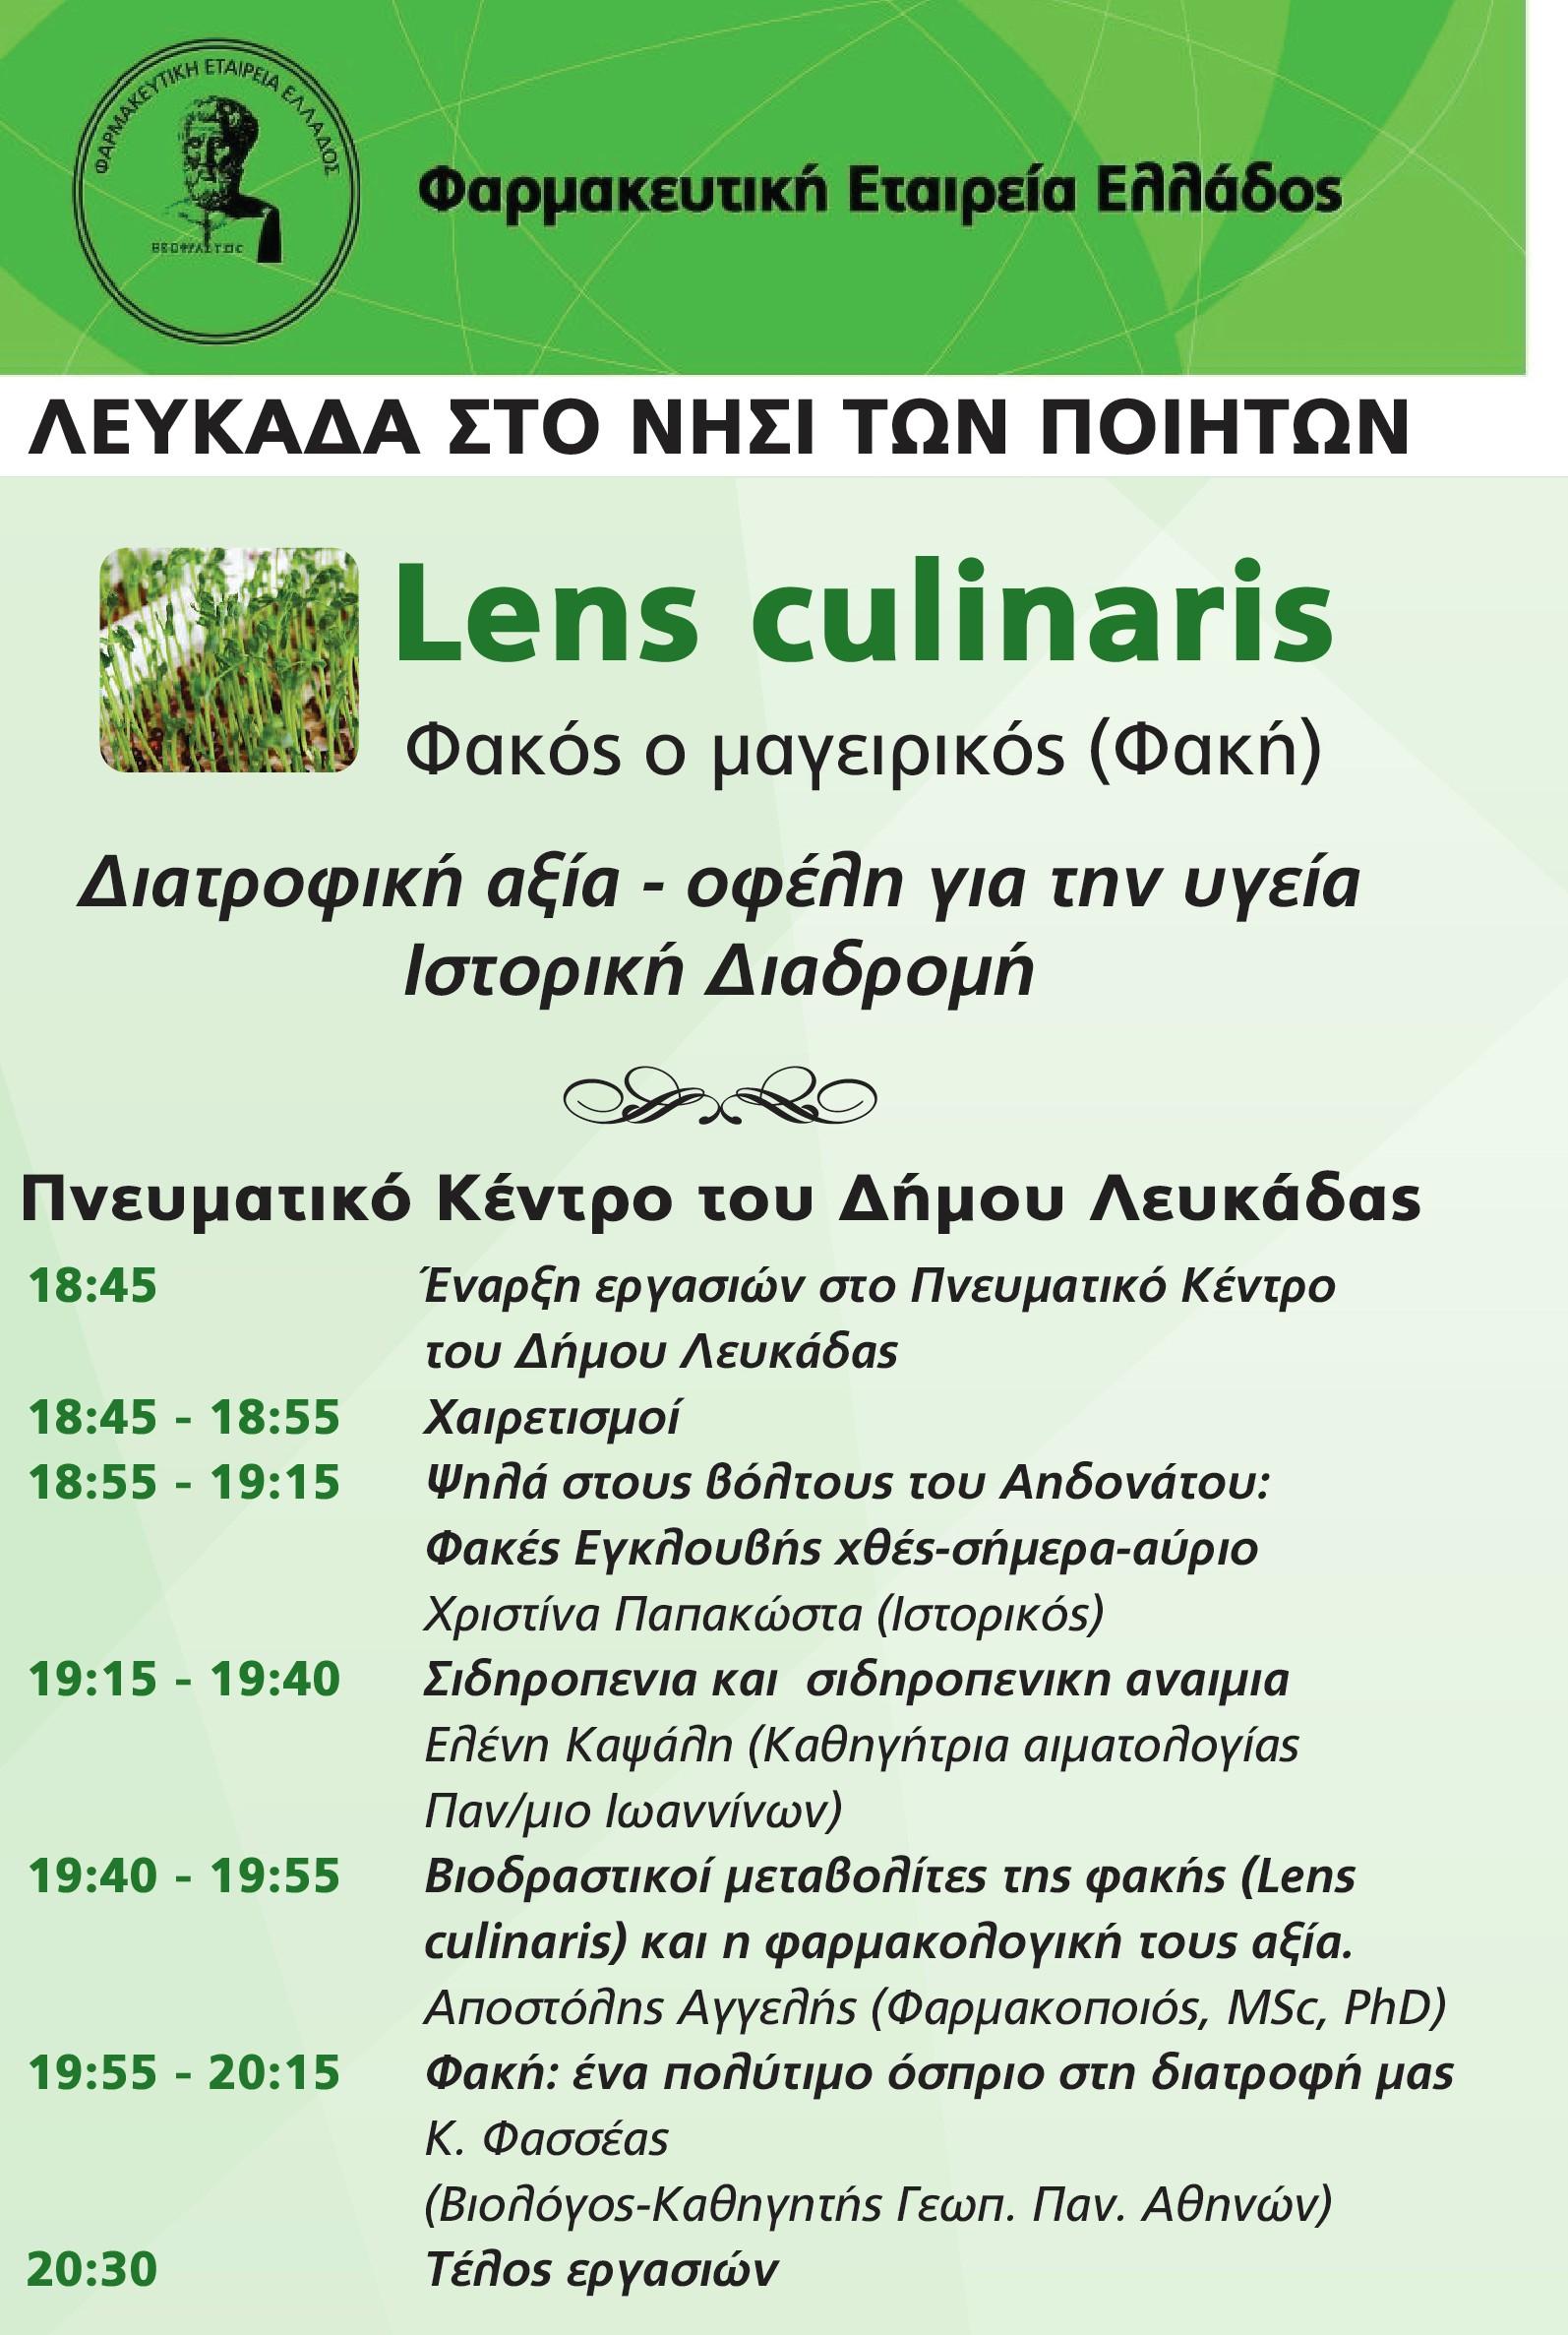 lefkas crop 2